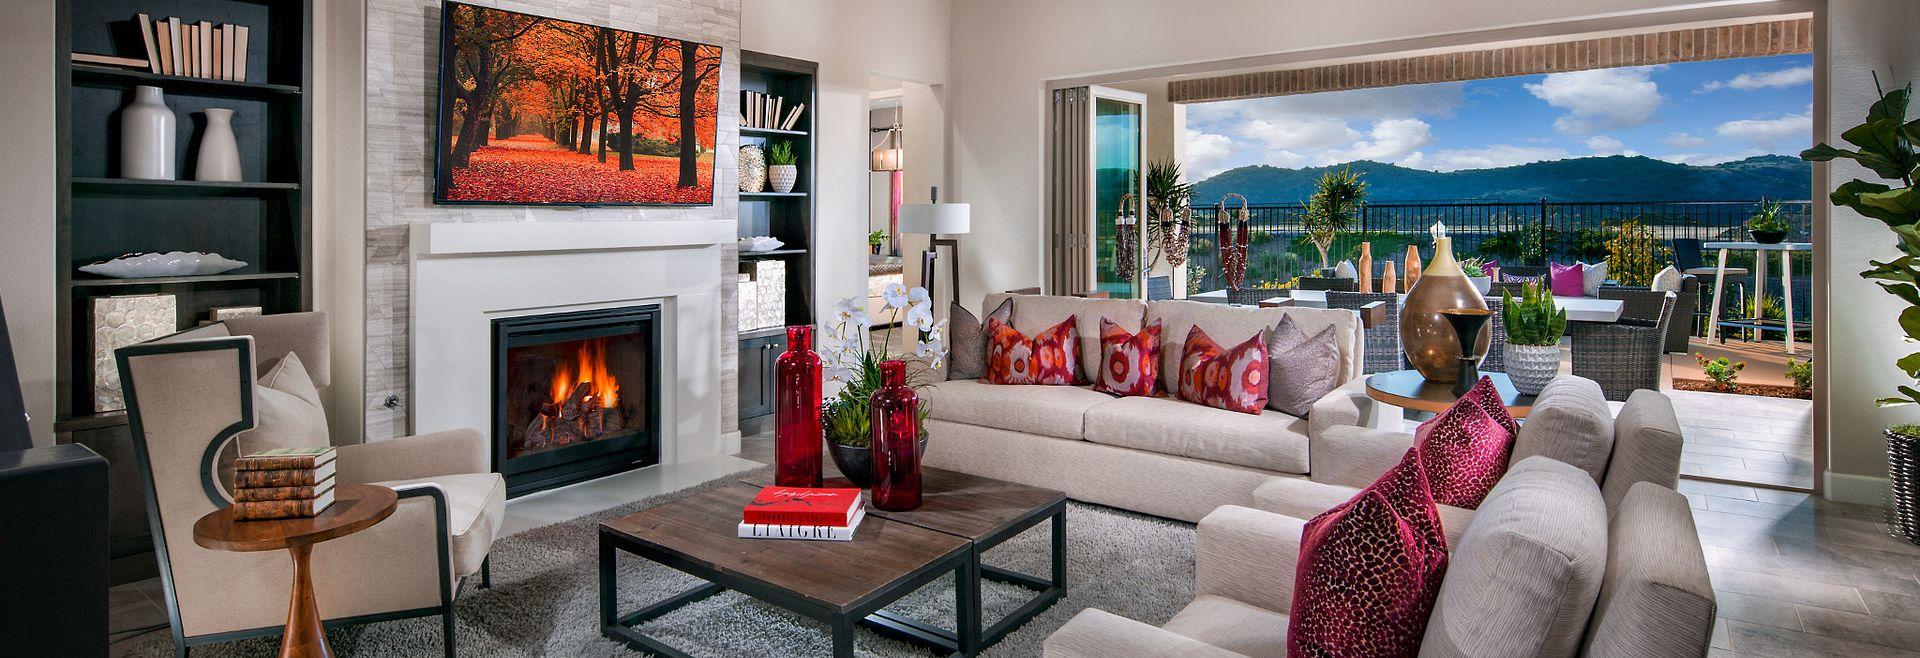 Alondra at Esencia Plan 2 Living Room